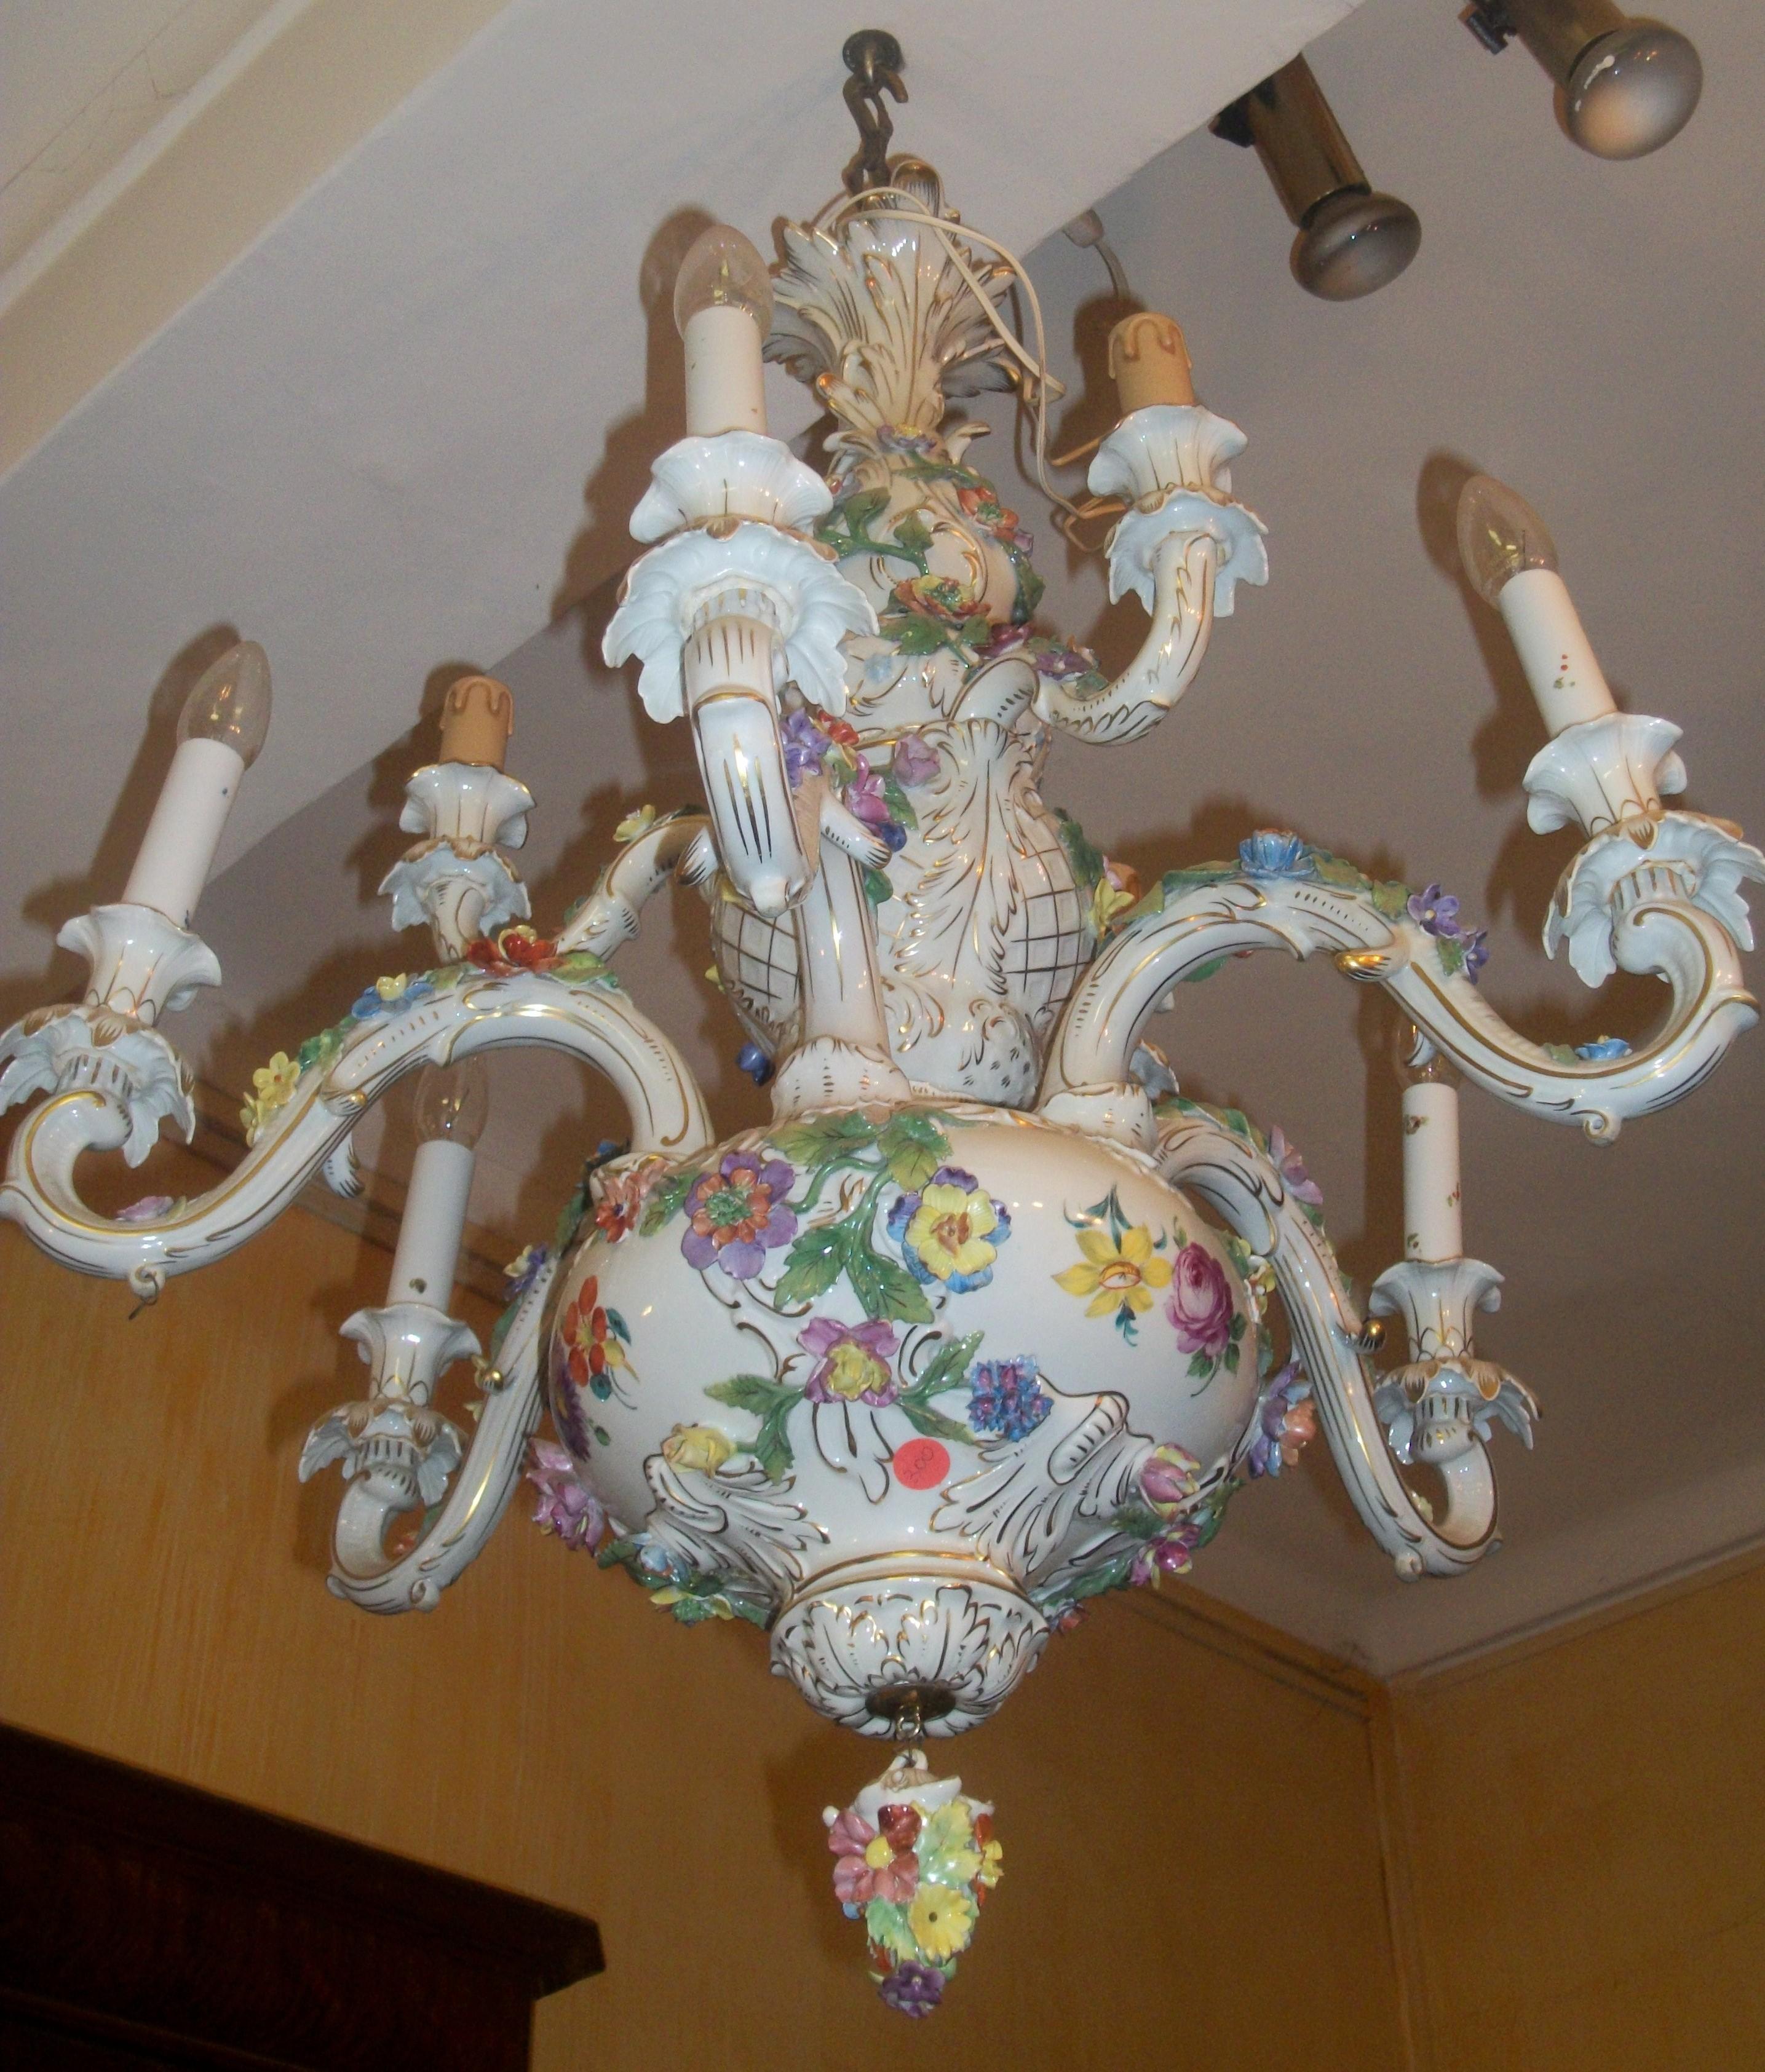 Lampadario in ceramica smaltata e parzialmente dorata, lavorata a motivi fitomorfi. Lampadario In Ceramica Pierpaolo Sciacchitano